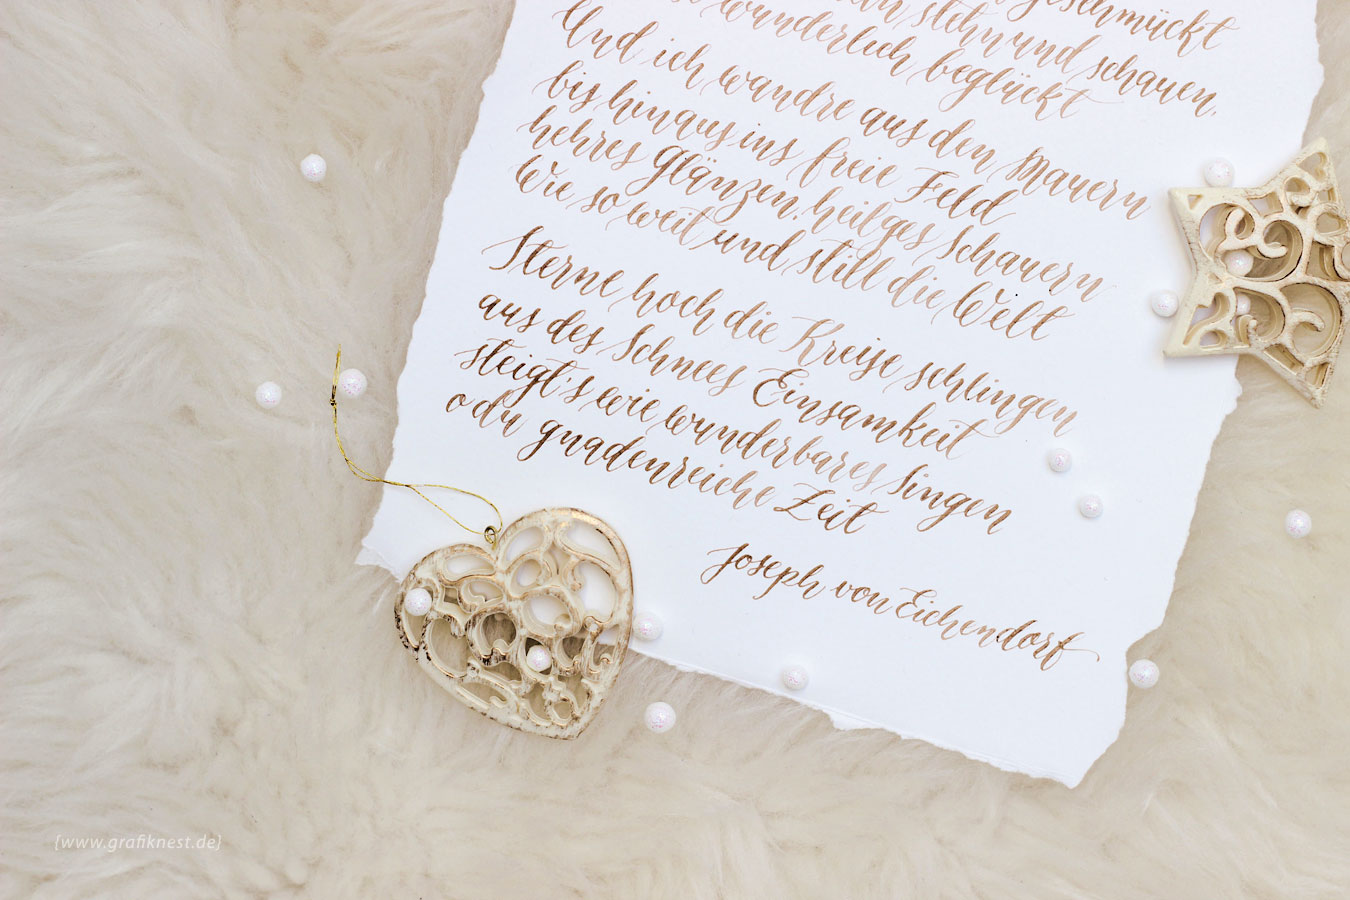 Kalligrafiertes Weihnachtsgedicht